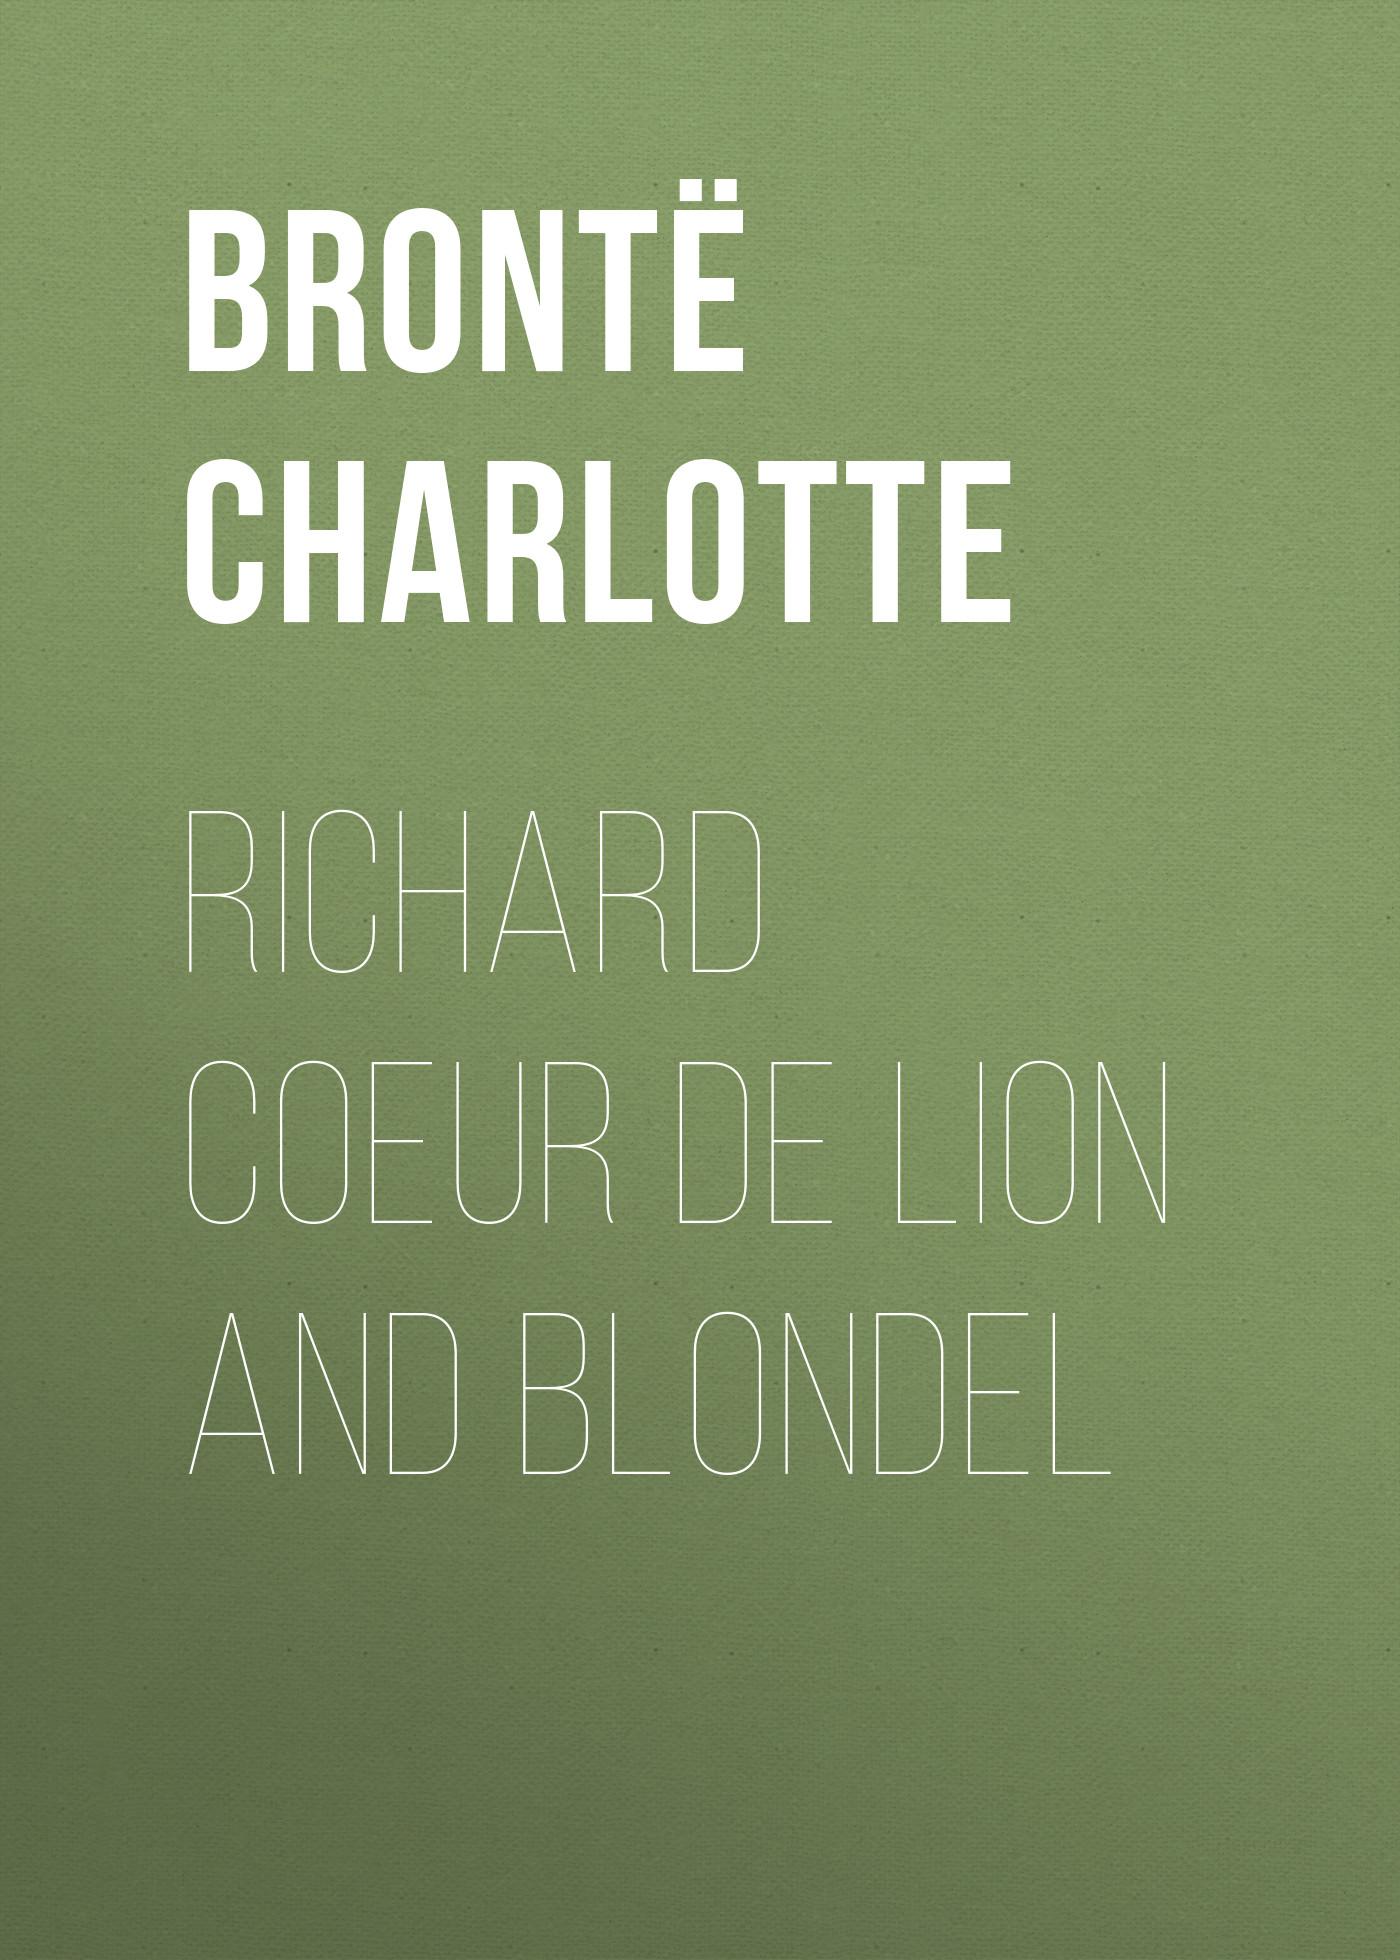 Шарлотта Бронте Richard Coeur de Lion and Blondel серьги coeur de lion 4838 21 0319